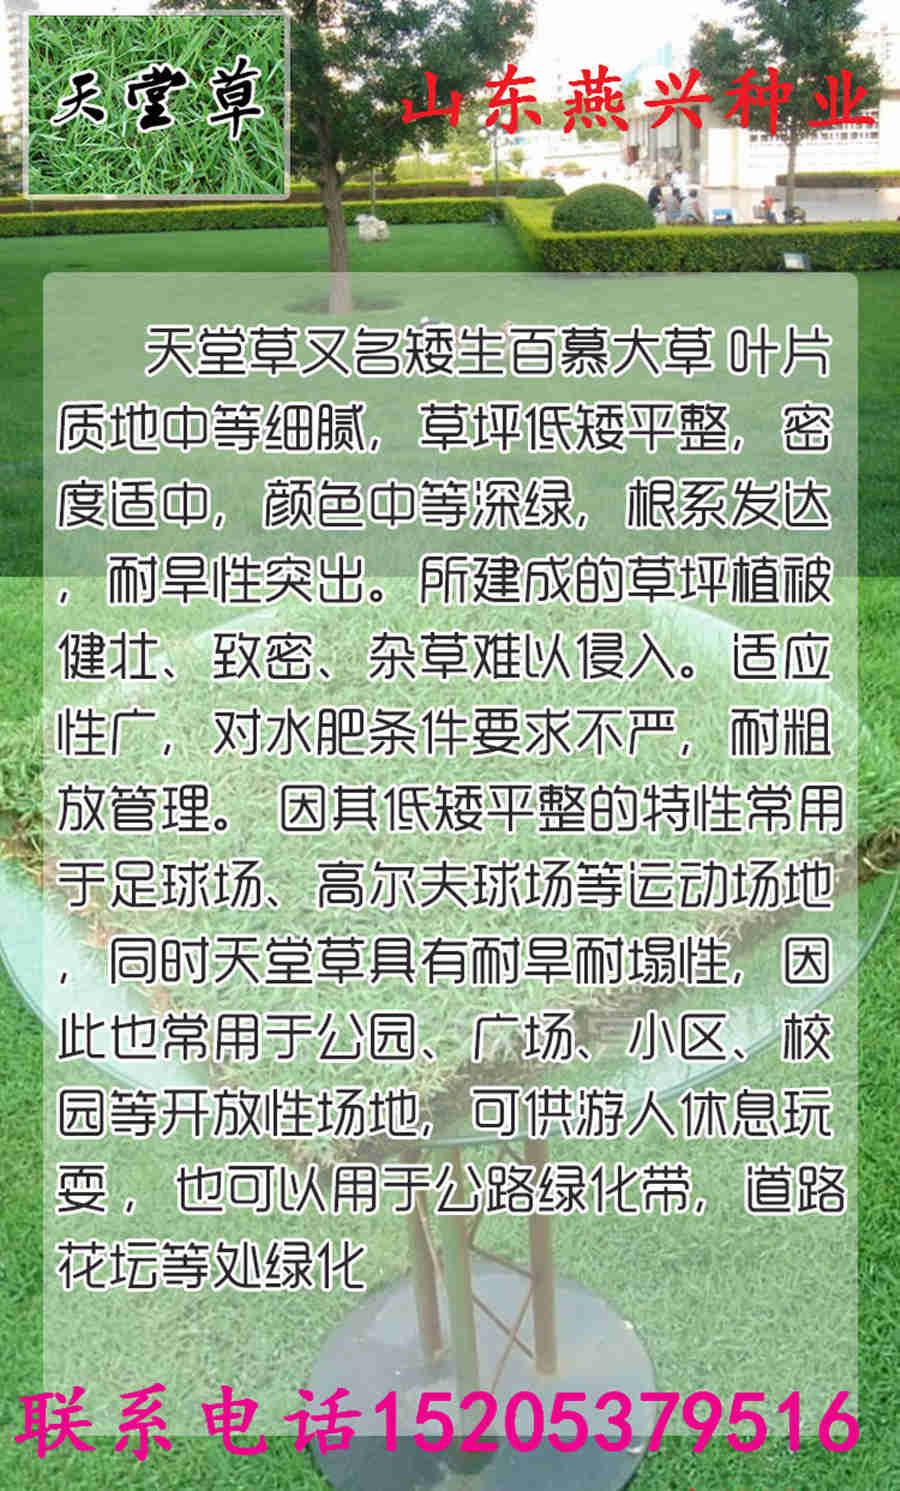 辽宁省鞍山市绿化草坪种子报价